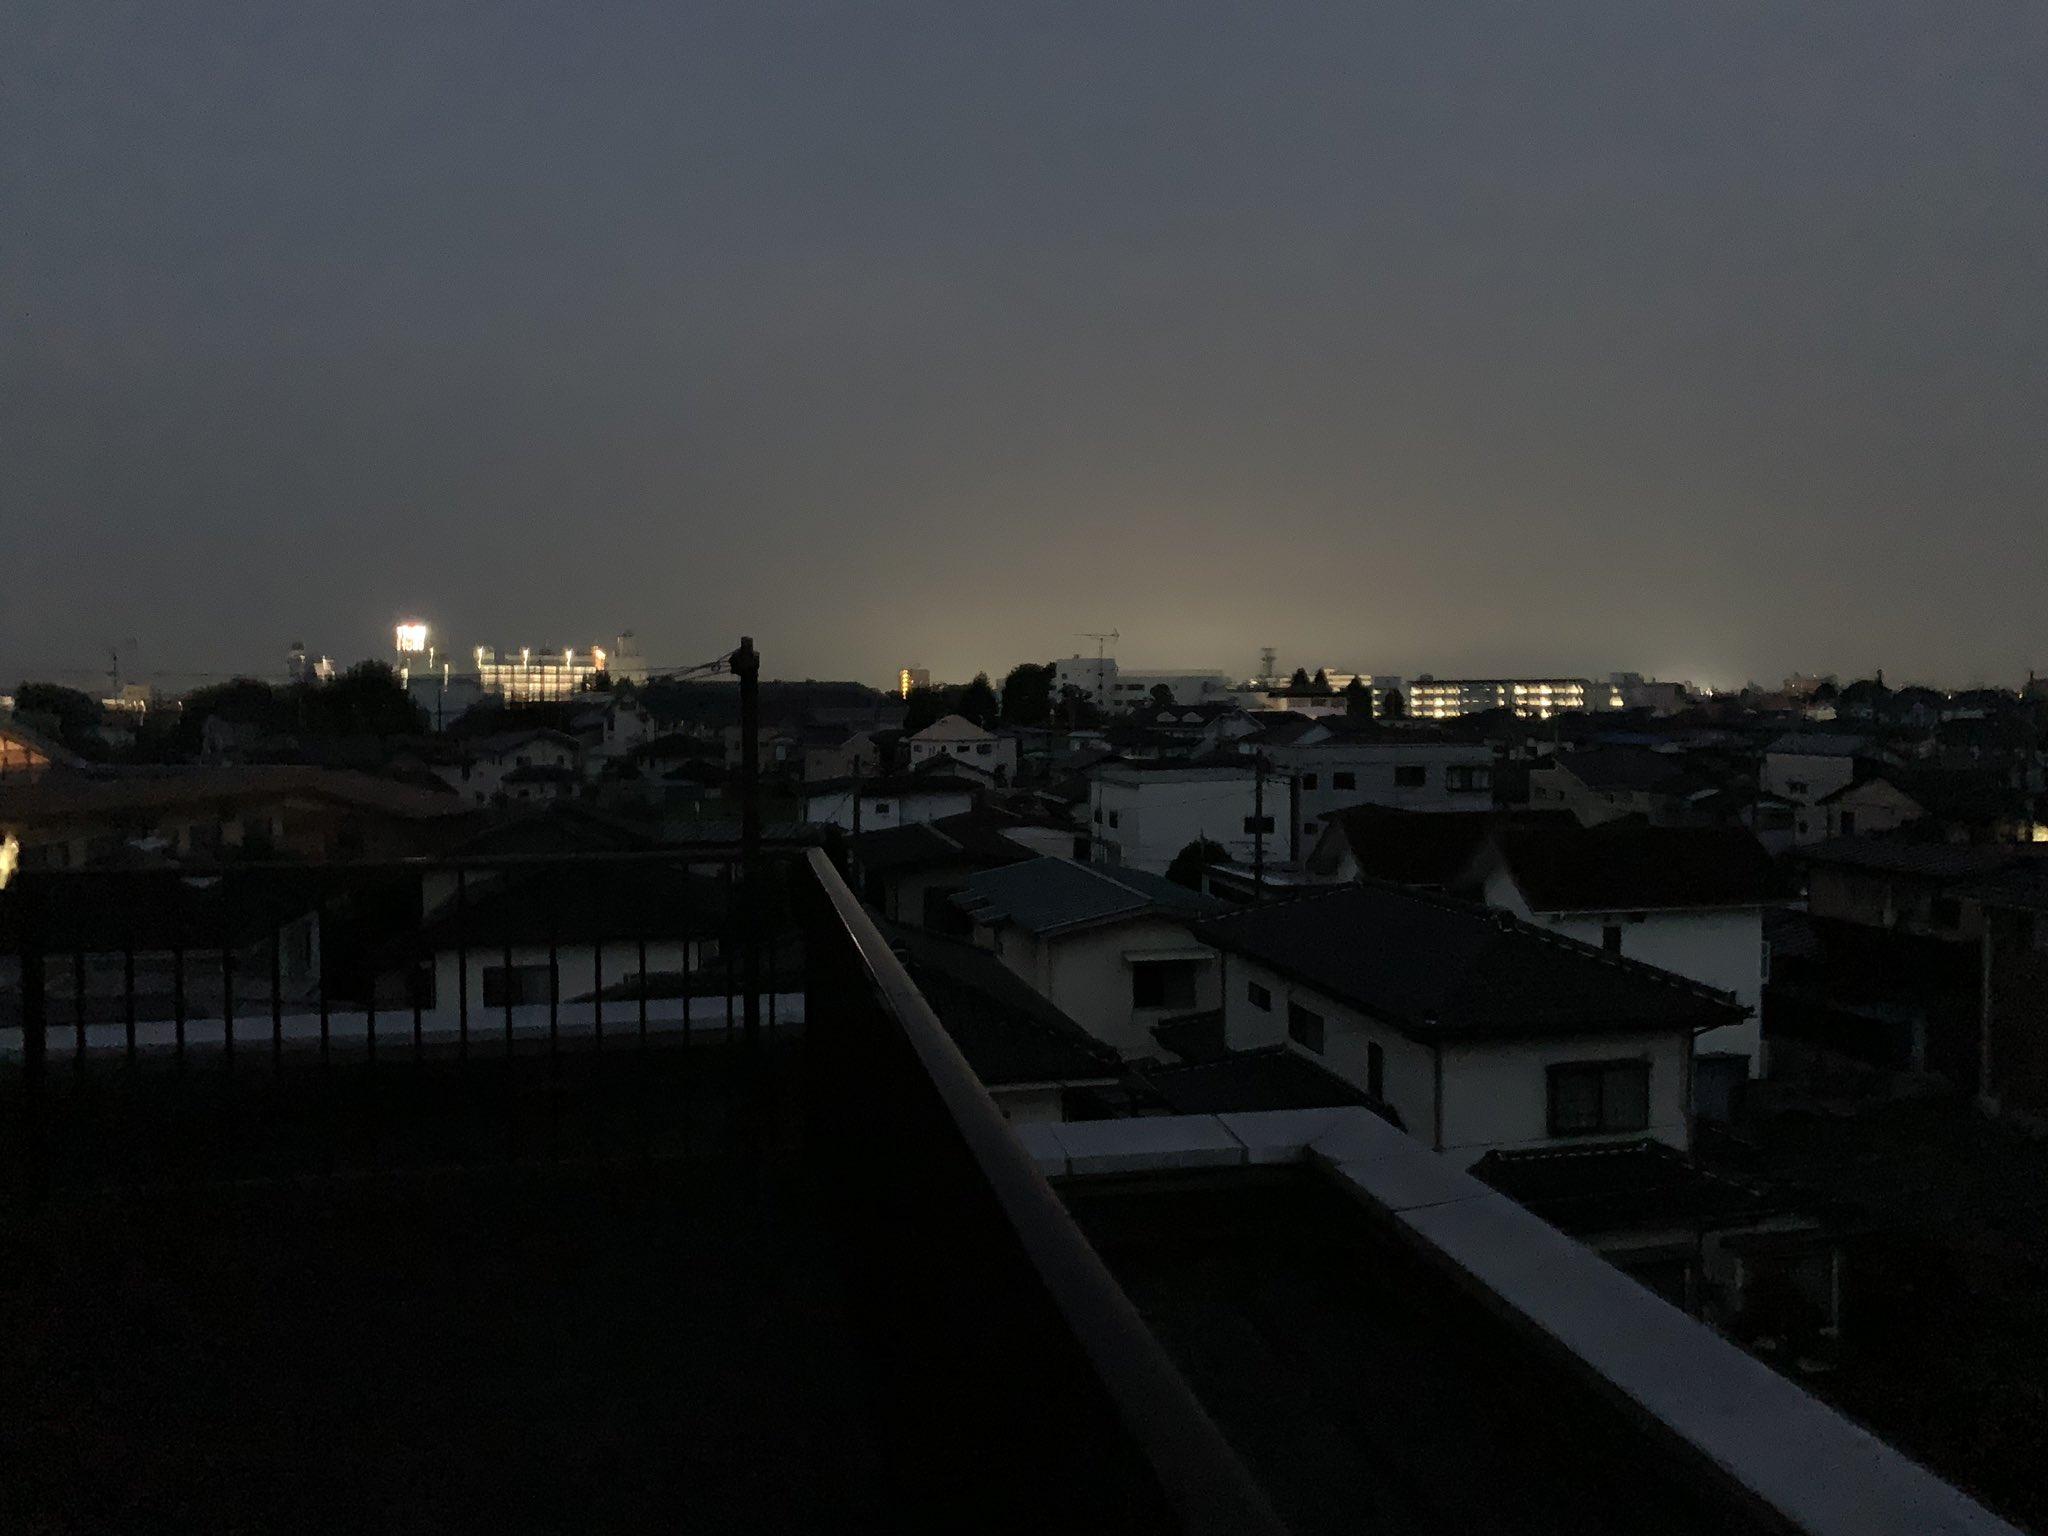 栃木の停電で住宅が真っ暗になっている画像